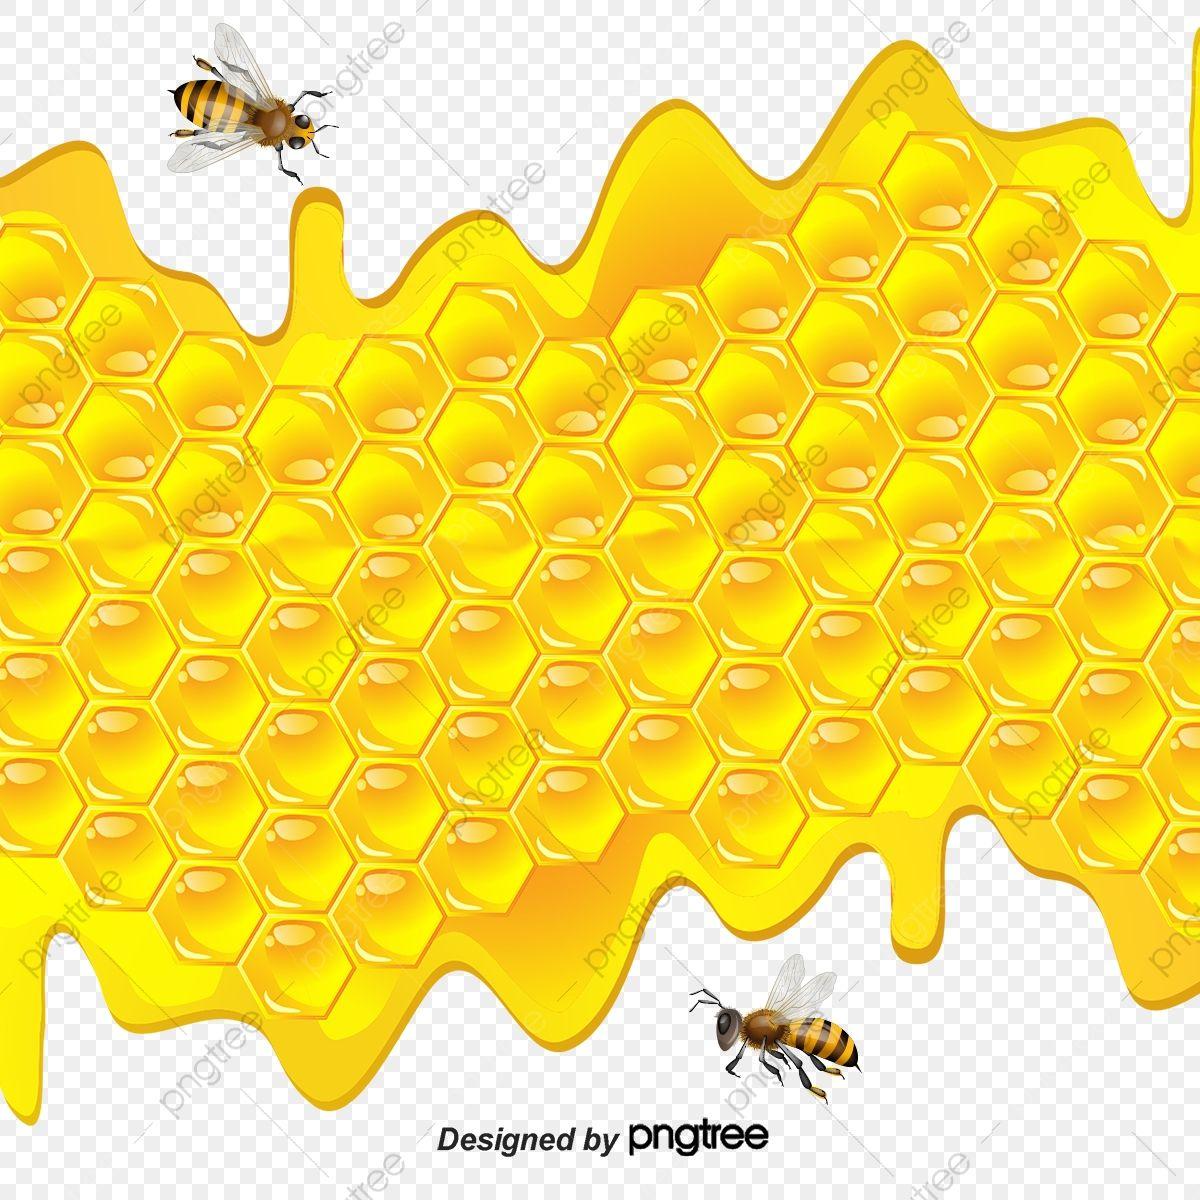 خلية نحل تصميم ناقلات المواد ناقلات النحل تصميم خلية النحل ناقلات المواد Png وملف Psd للتحميل مجانا Vetores Colmeia Colmeias De Abelhas